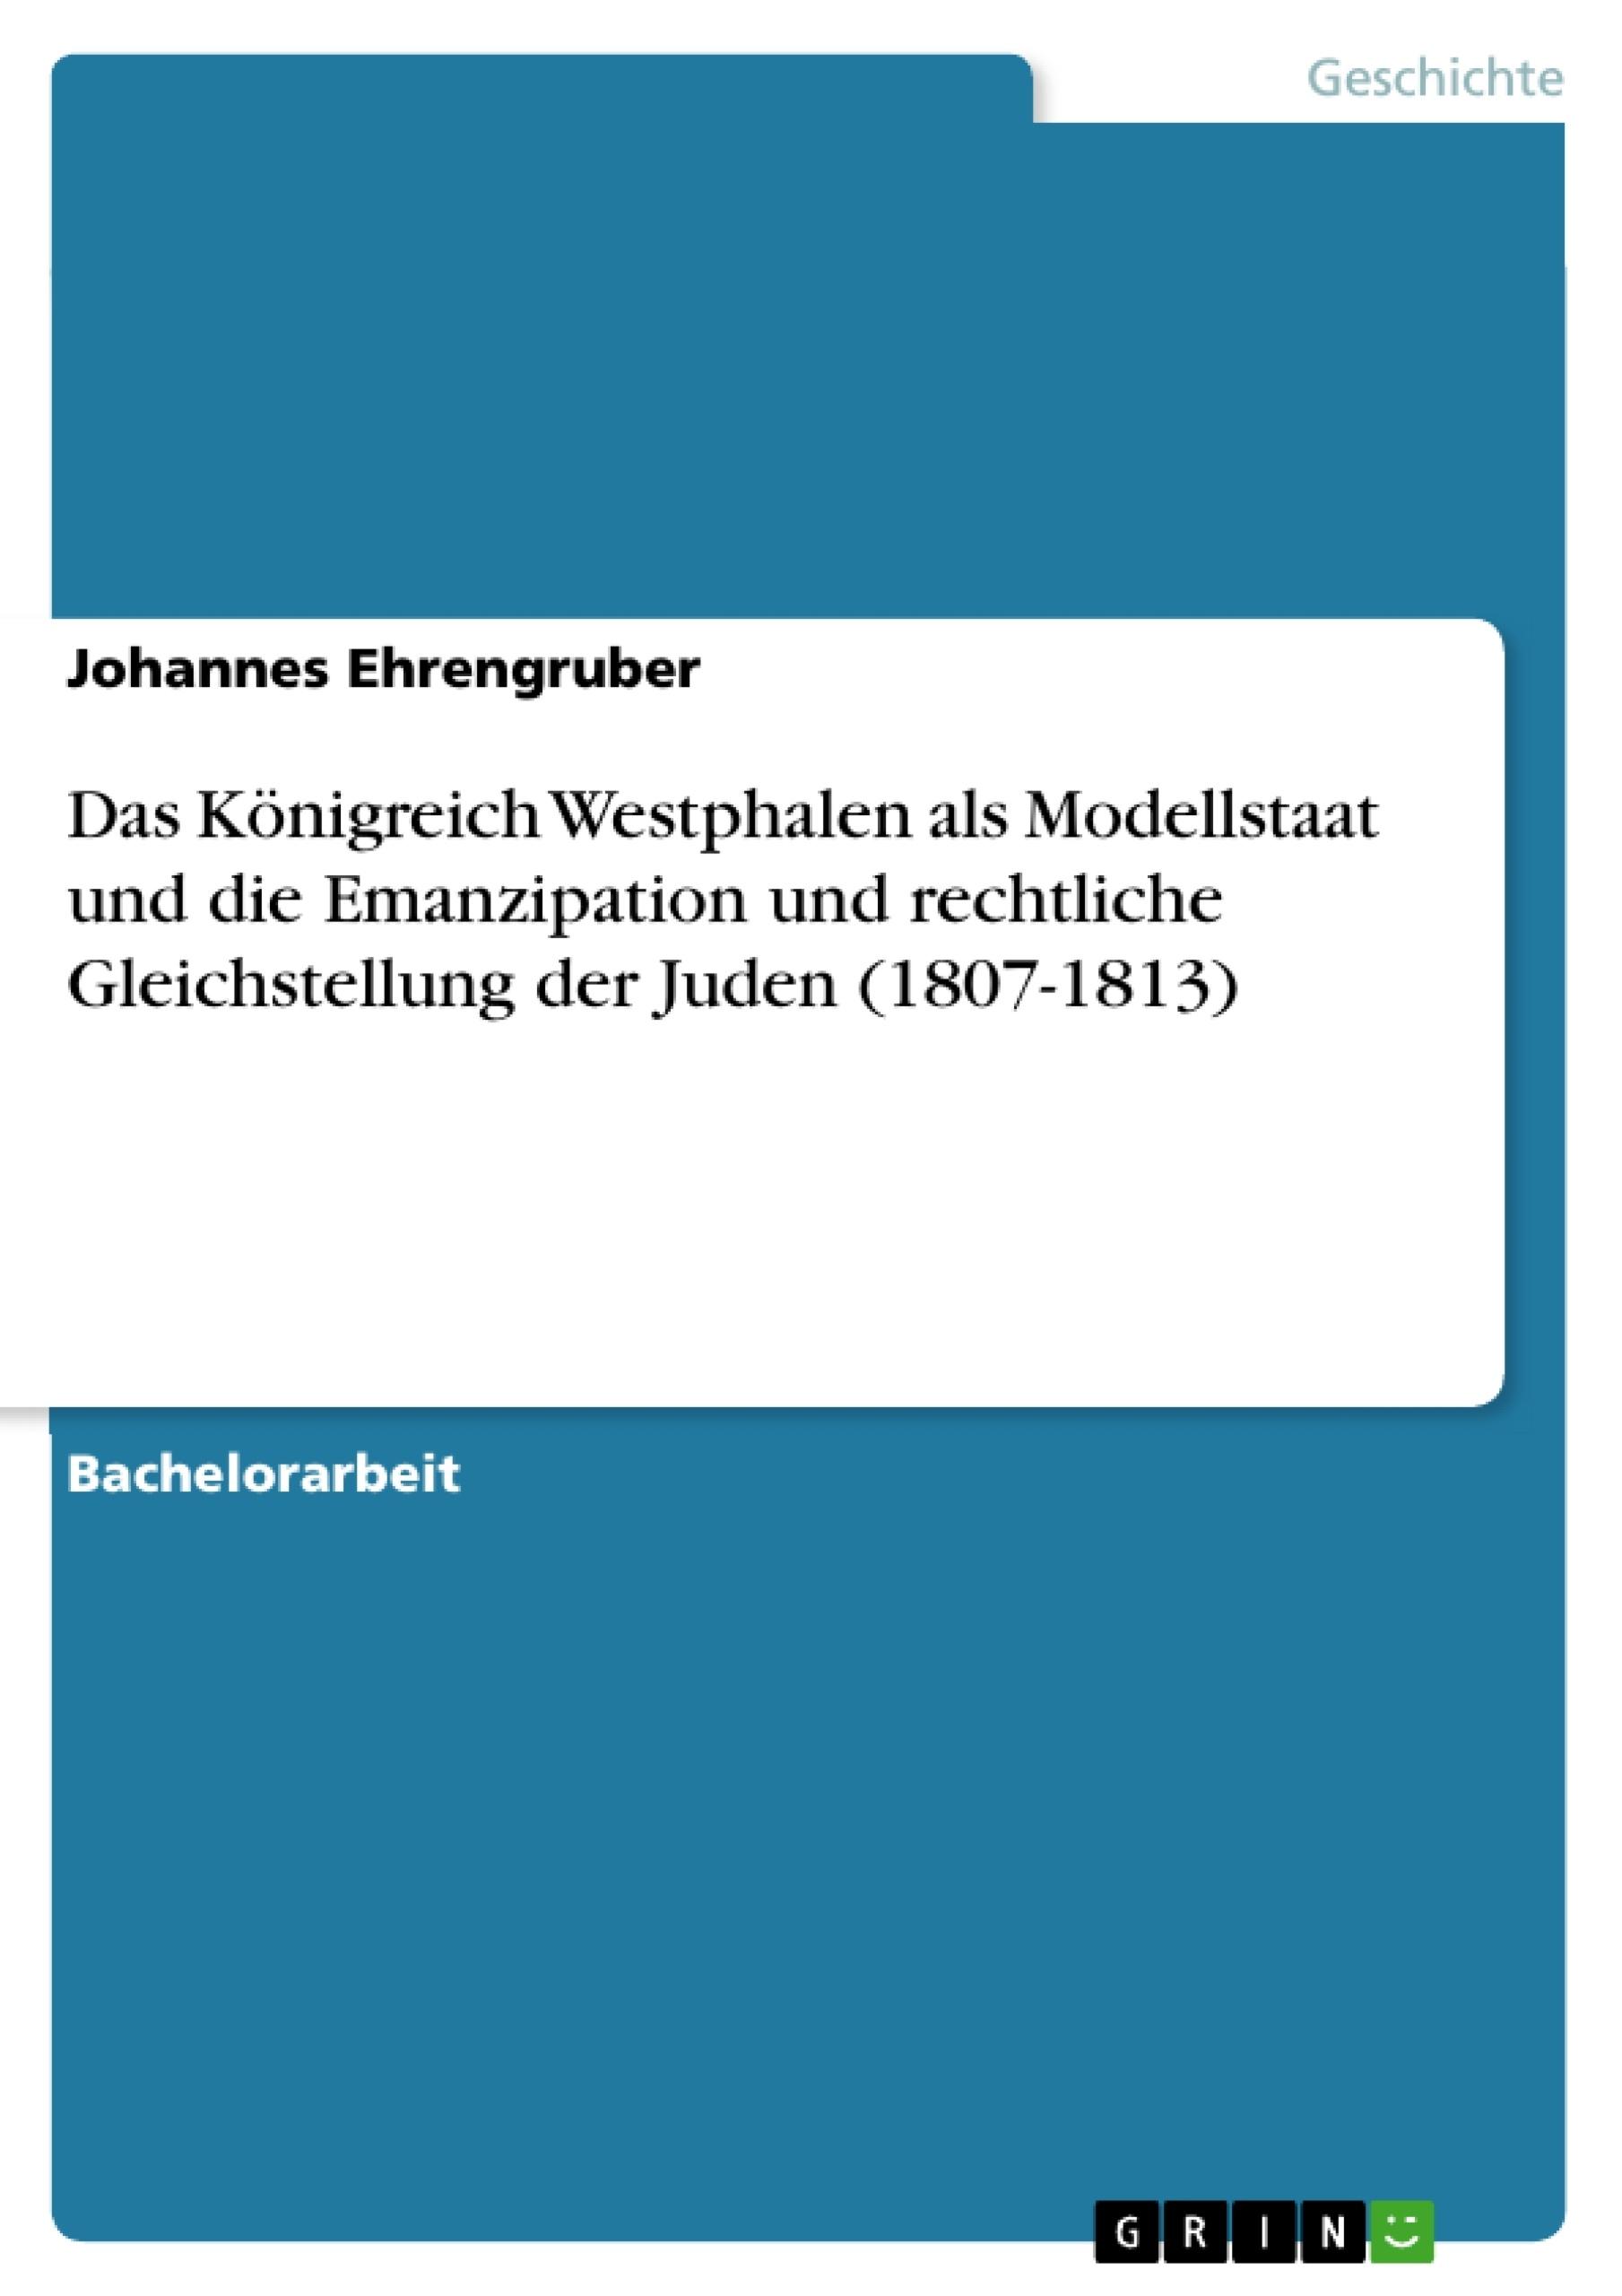 Titel: Das Königreich Westphalen als Modellstaat und die Emanzipation und rechtliche Gleichstellung der Juden (1807-1813)